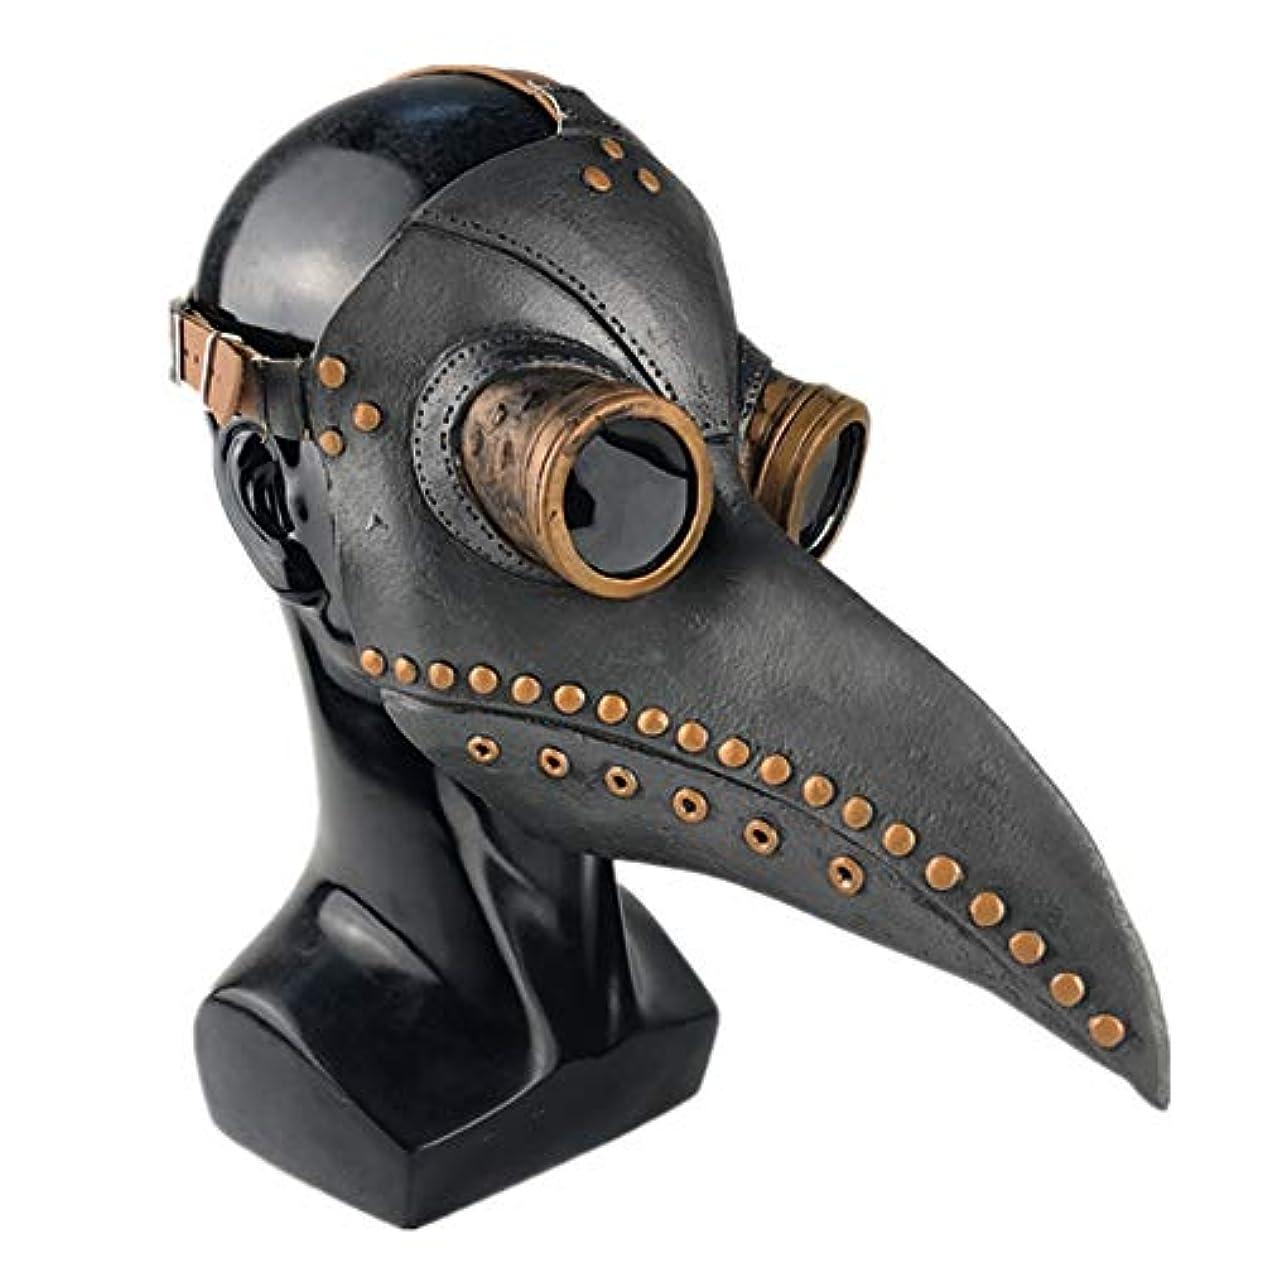 捕虜ラジカル規範KISSION ホラーマスク ハロウィンデコレーション 通気性 ペストスチーム喙ドクターマスク 仮面舞踏会喙ドクターマスク 小道具 黒 銅の爪